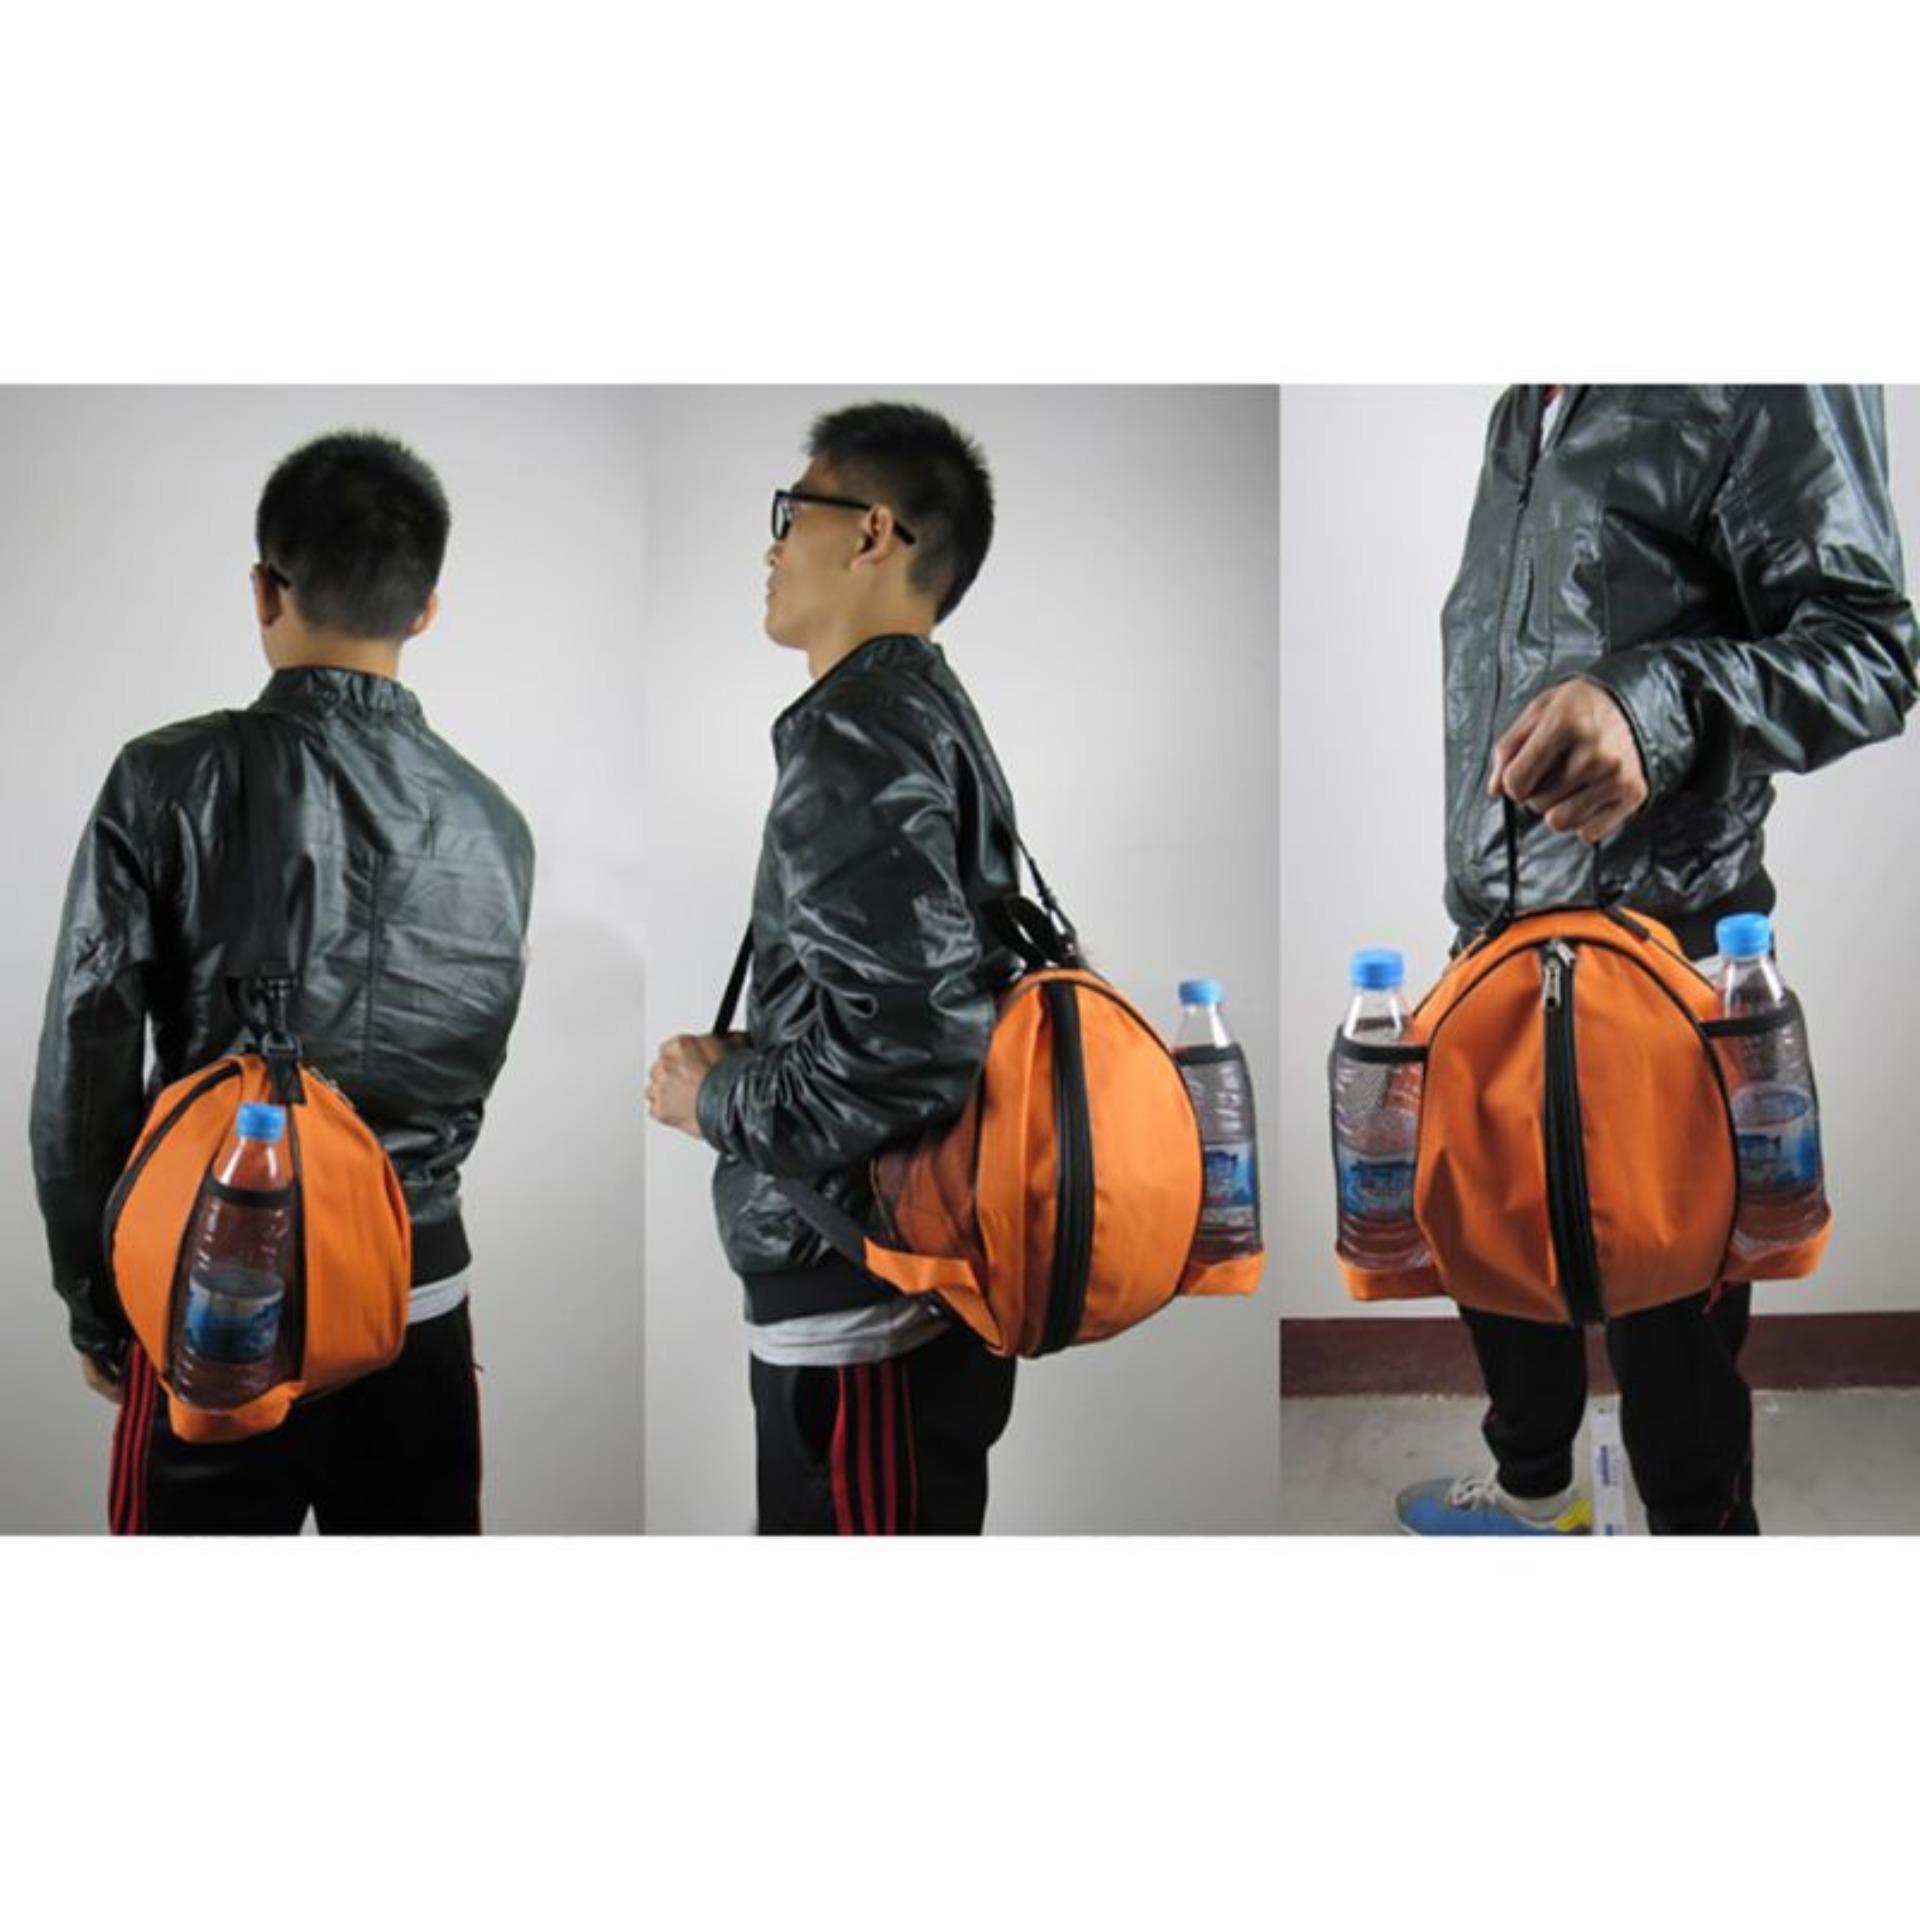 Túi đựng bóng rổ, có ngăn đựng bình nước, ngăn nhỏ đựng phụ kiện chất liệu cao cấp POPO Sports - 4